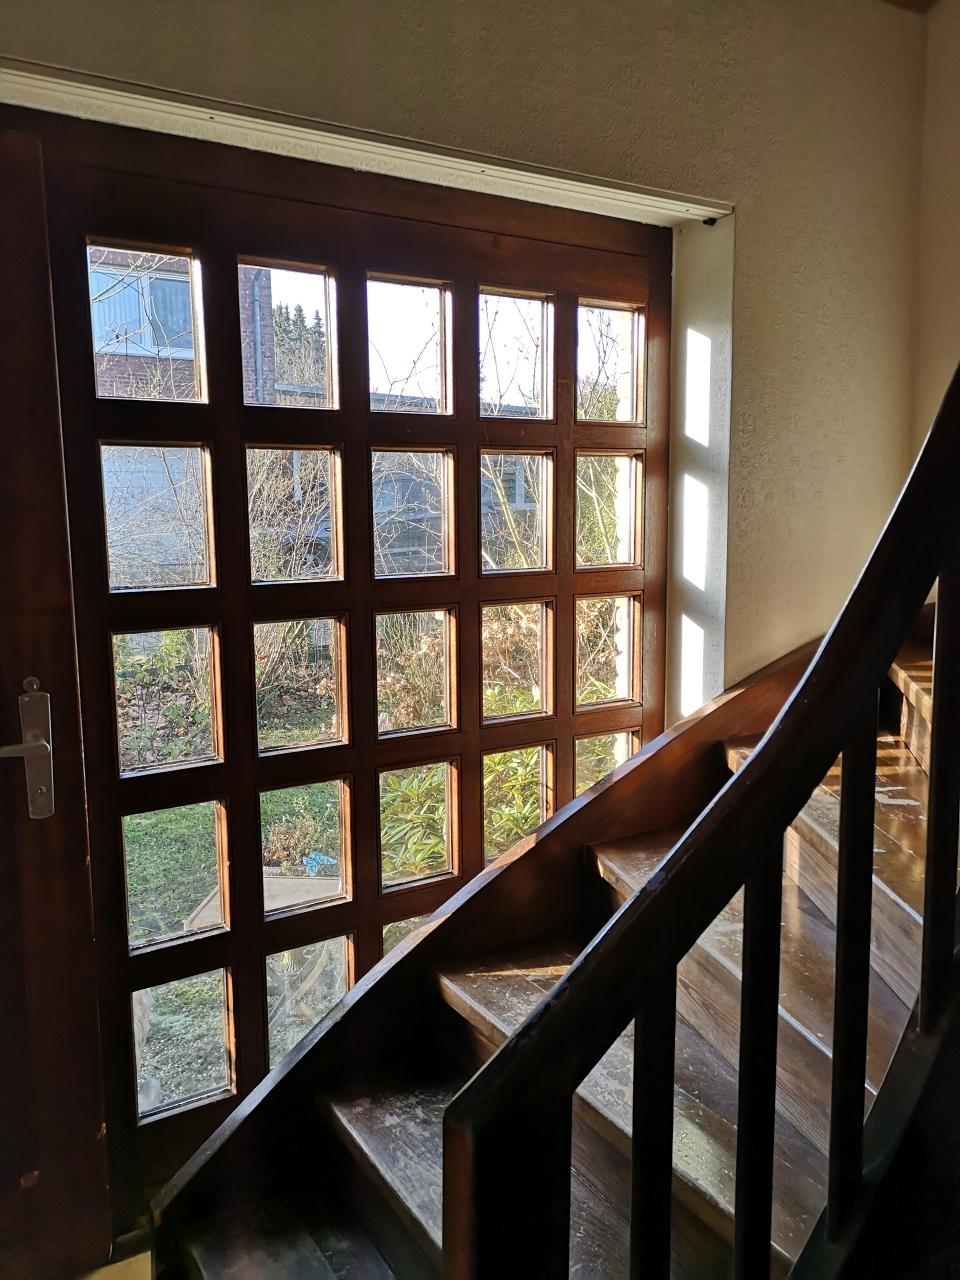 Viel Licht kommt durch die zahlreichen Fenster.